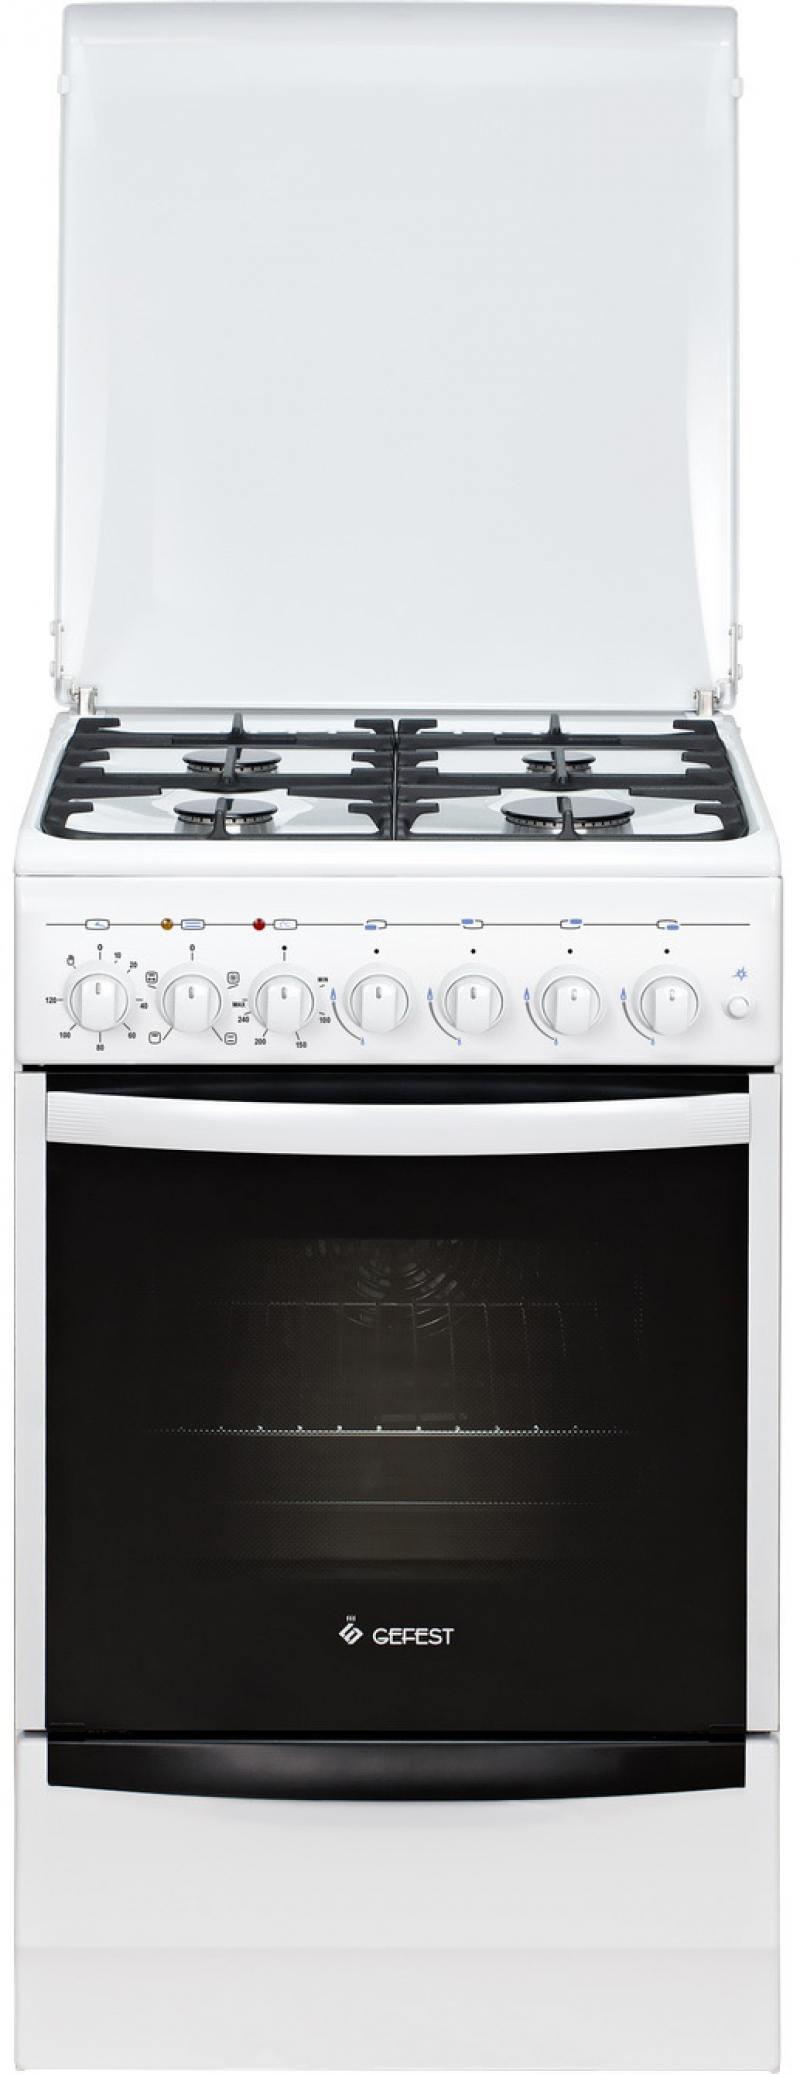 Комбинированная плита Gefest 5102-02 цена и фото